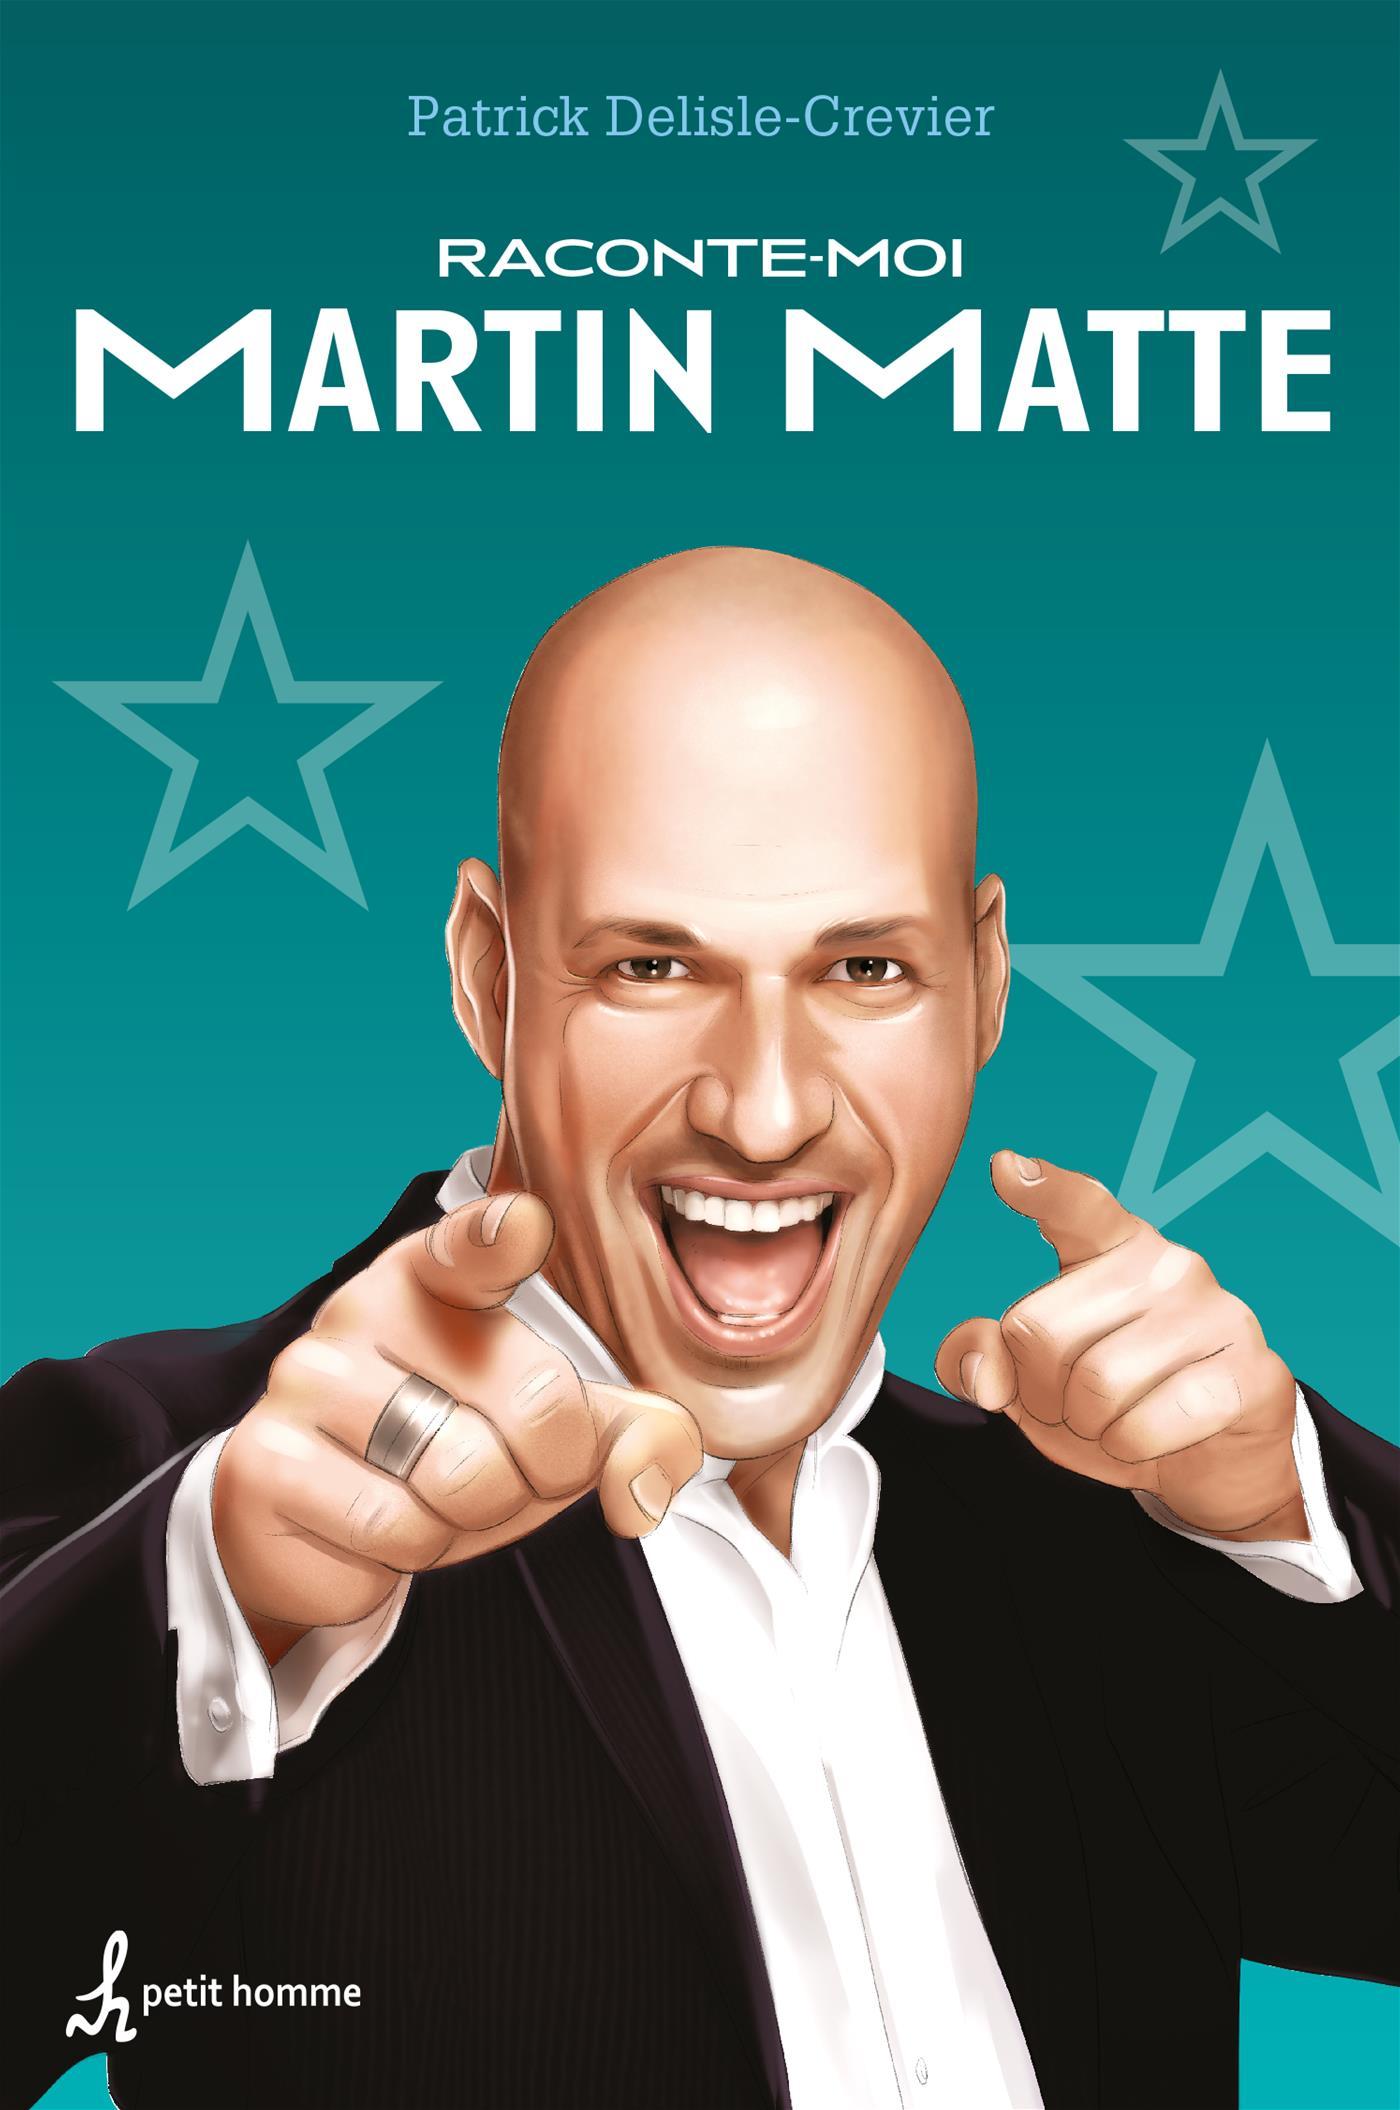 Raconte-moi Martin Matte